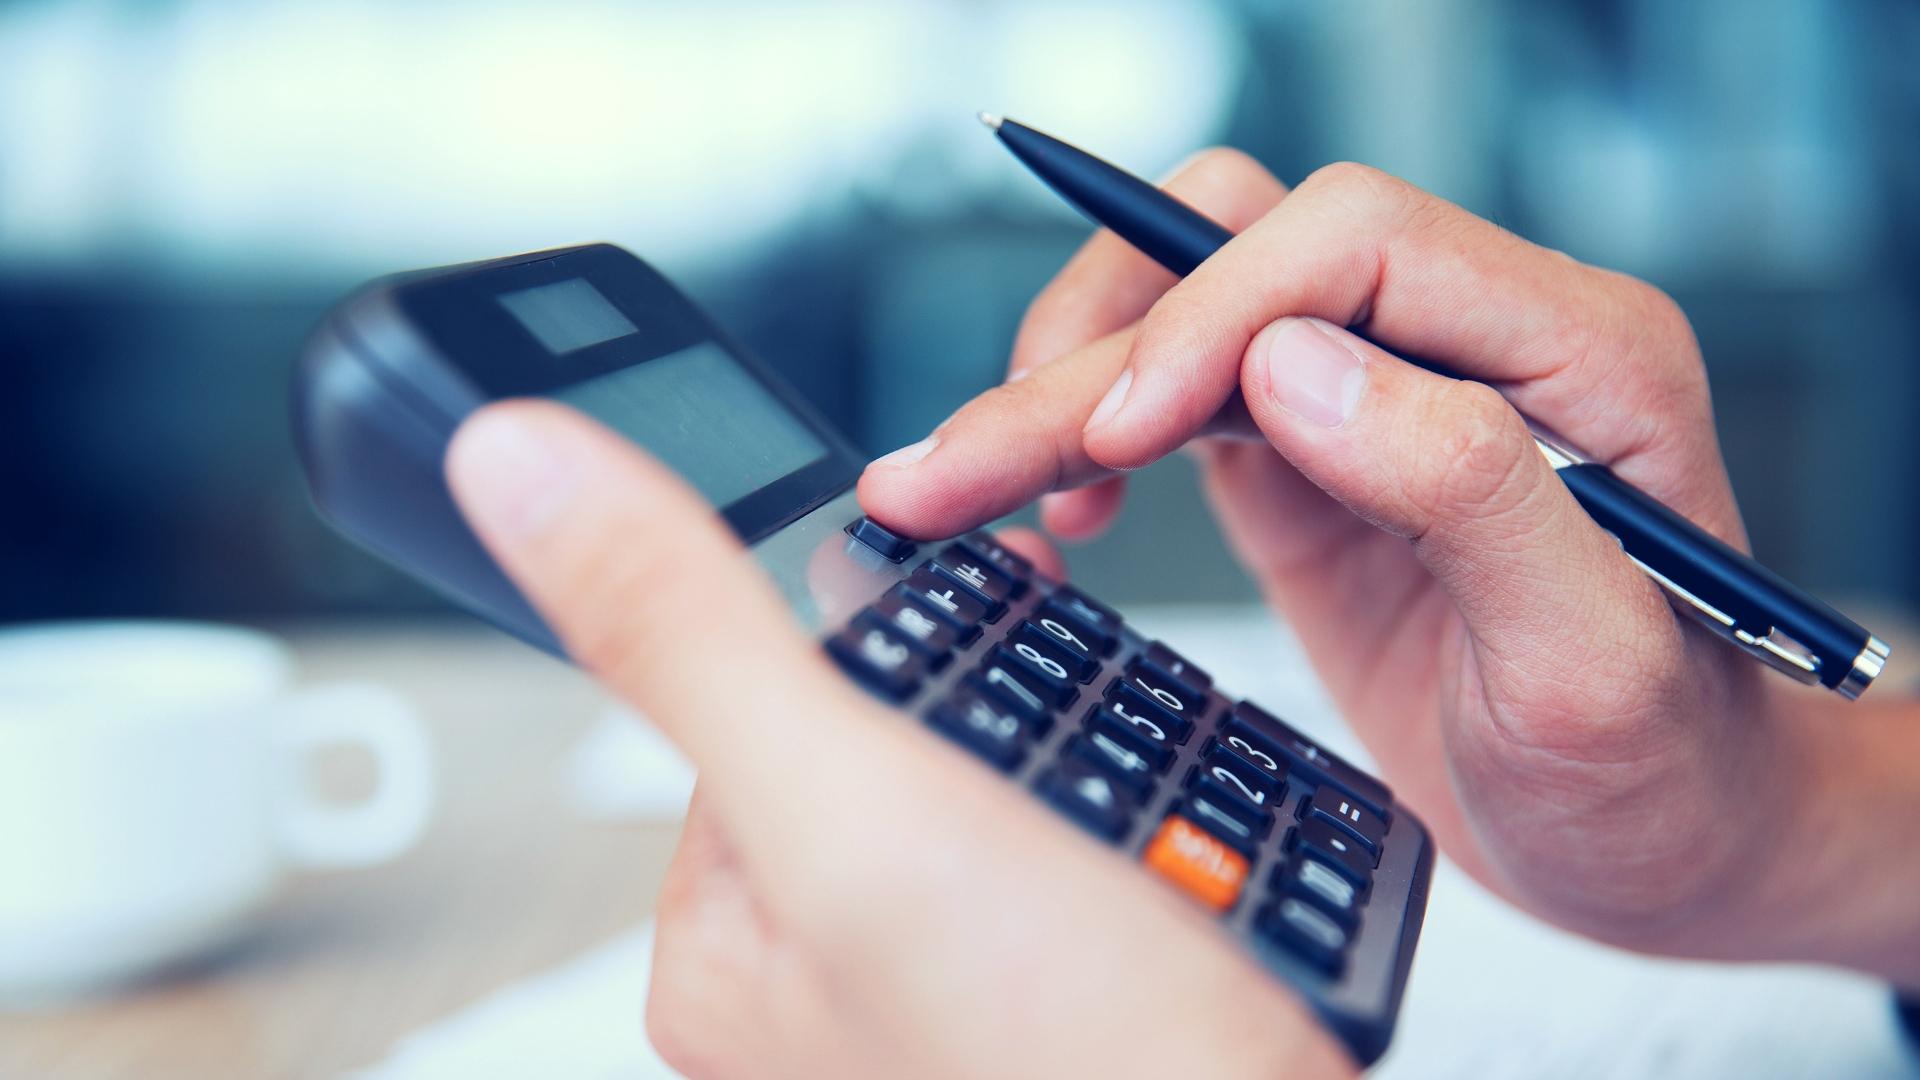 Aproveite a nossa calculadora para saber os custos de limpeza terceirizada